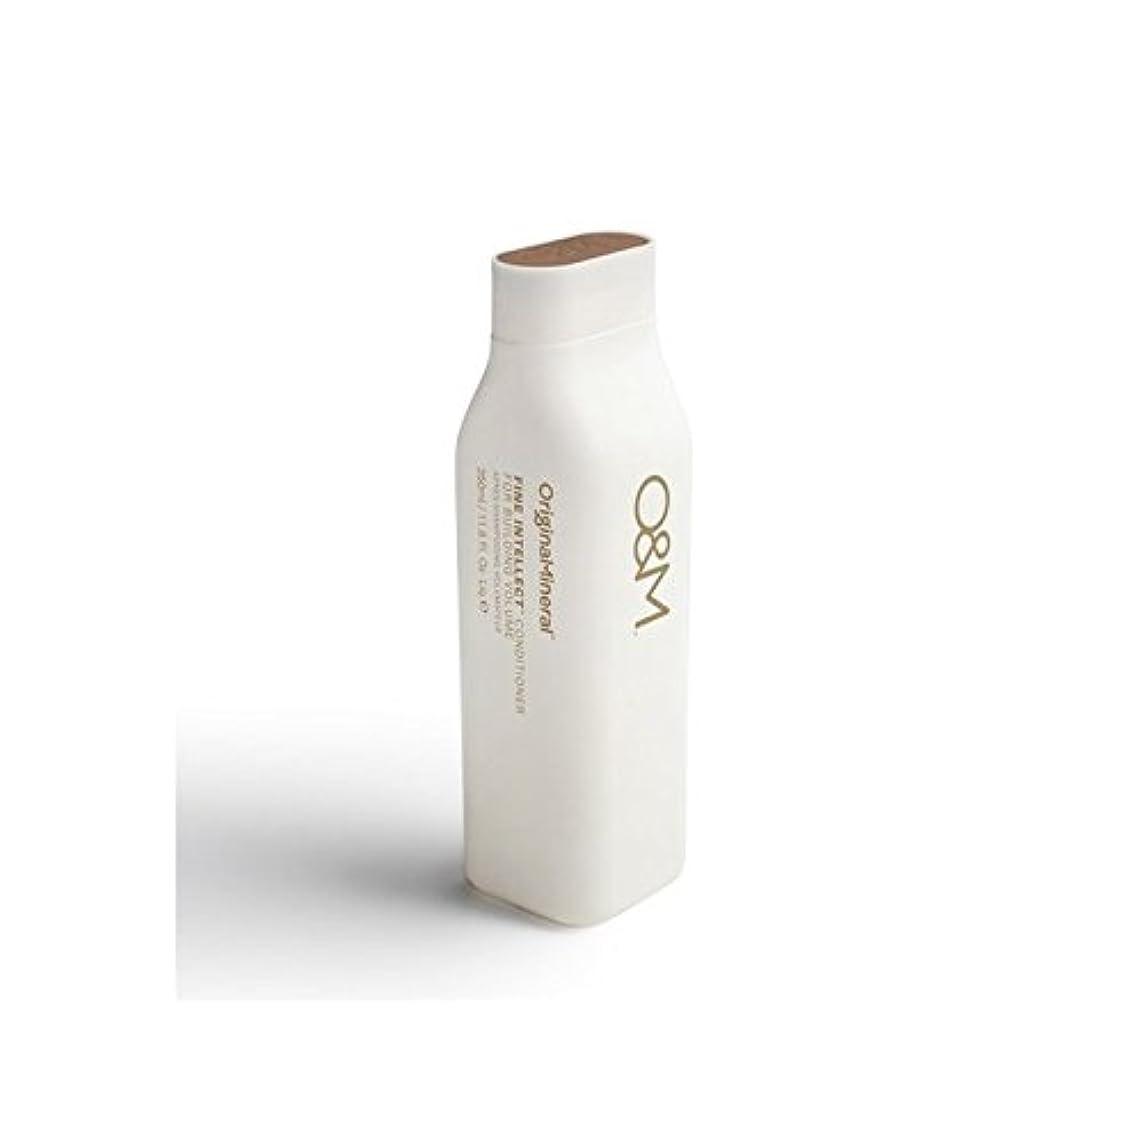 切手フィードオン子供時代Original & Mineral Fine Intellect Conditioner (350ml) (Pack of 6) - オリジナル&ミネラル細かい知性コンディショナー(350ミリリットル) x6 [並行輸入品]